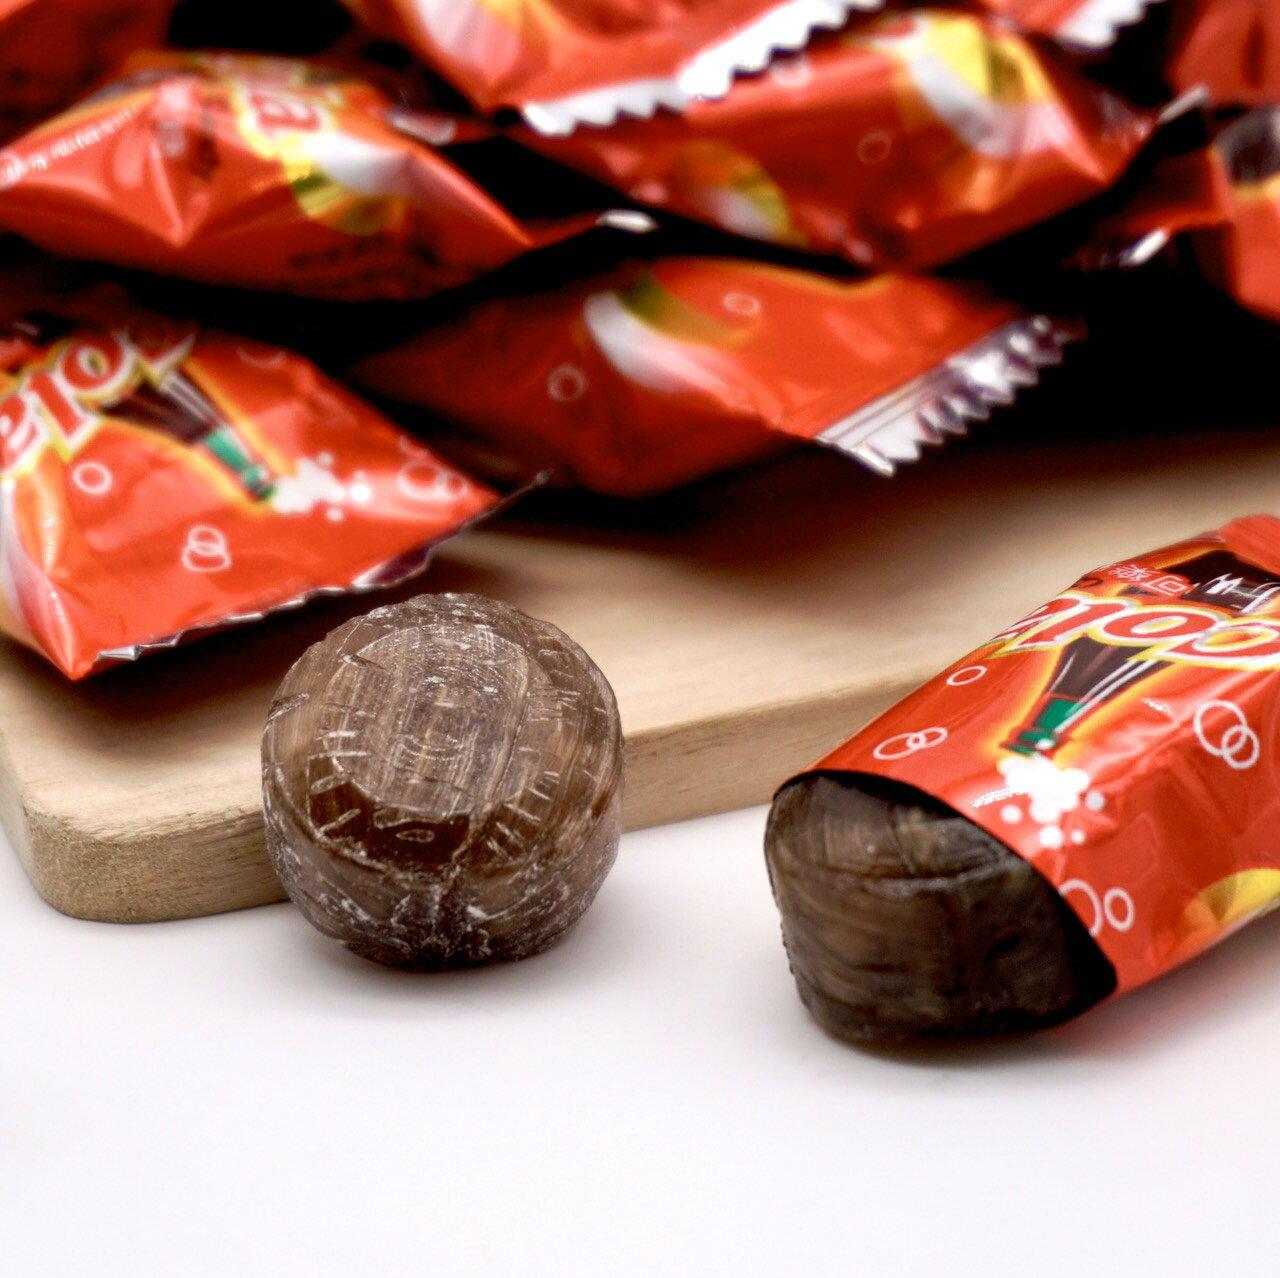 嘴甜甜 可樂糖 200公克 糖果系列 汽水糖 可樂 糖果 素食 現貨